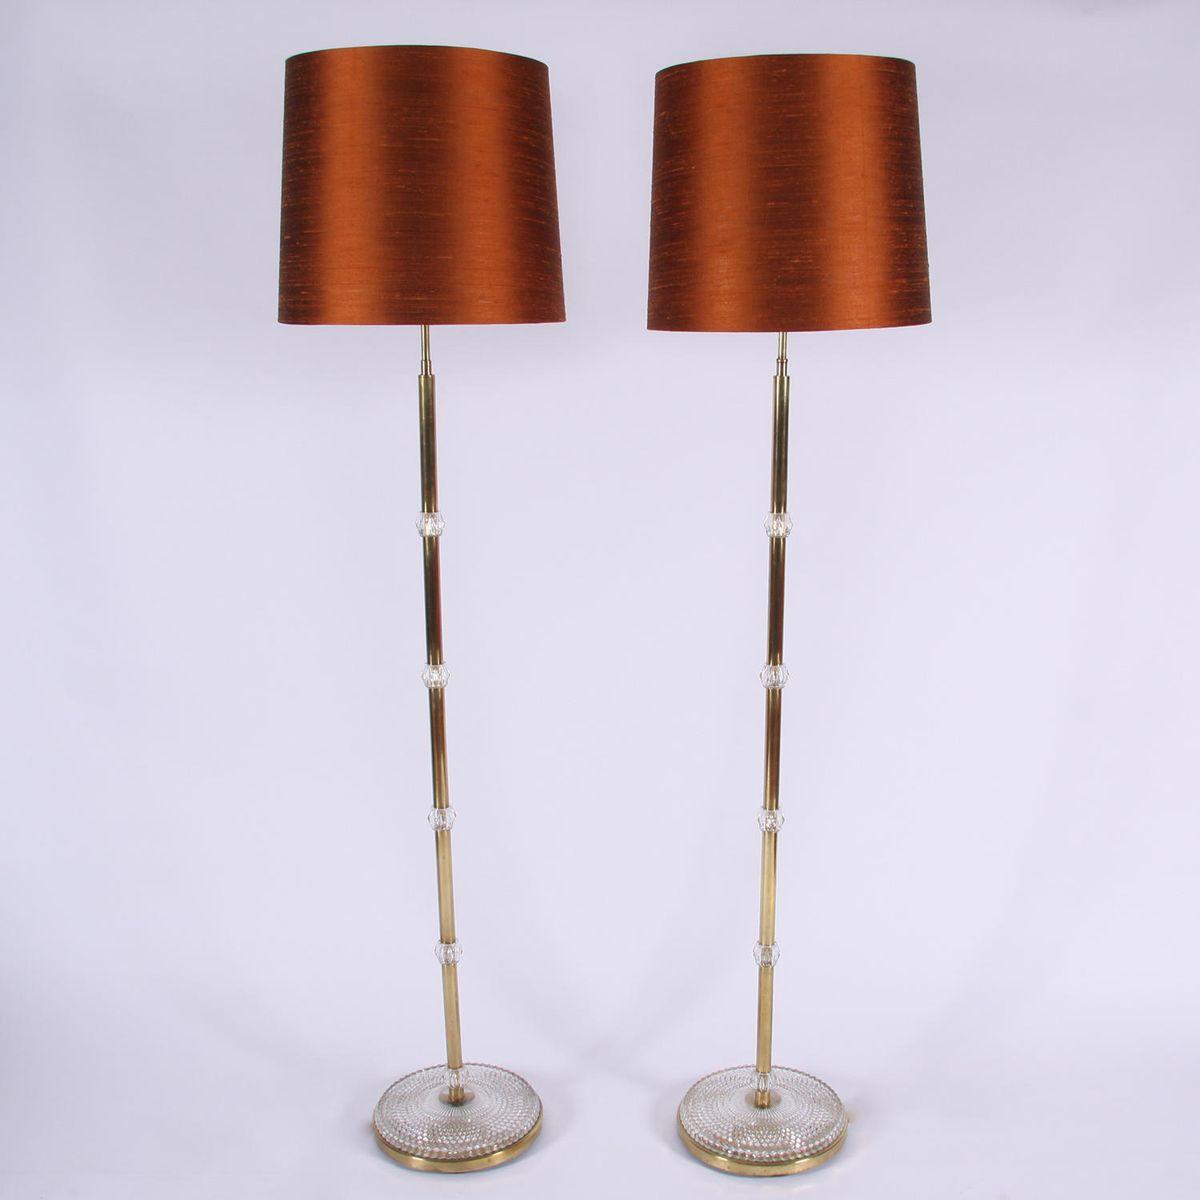 Stehlampen aus Messing, 1960er, 2er Set